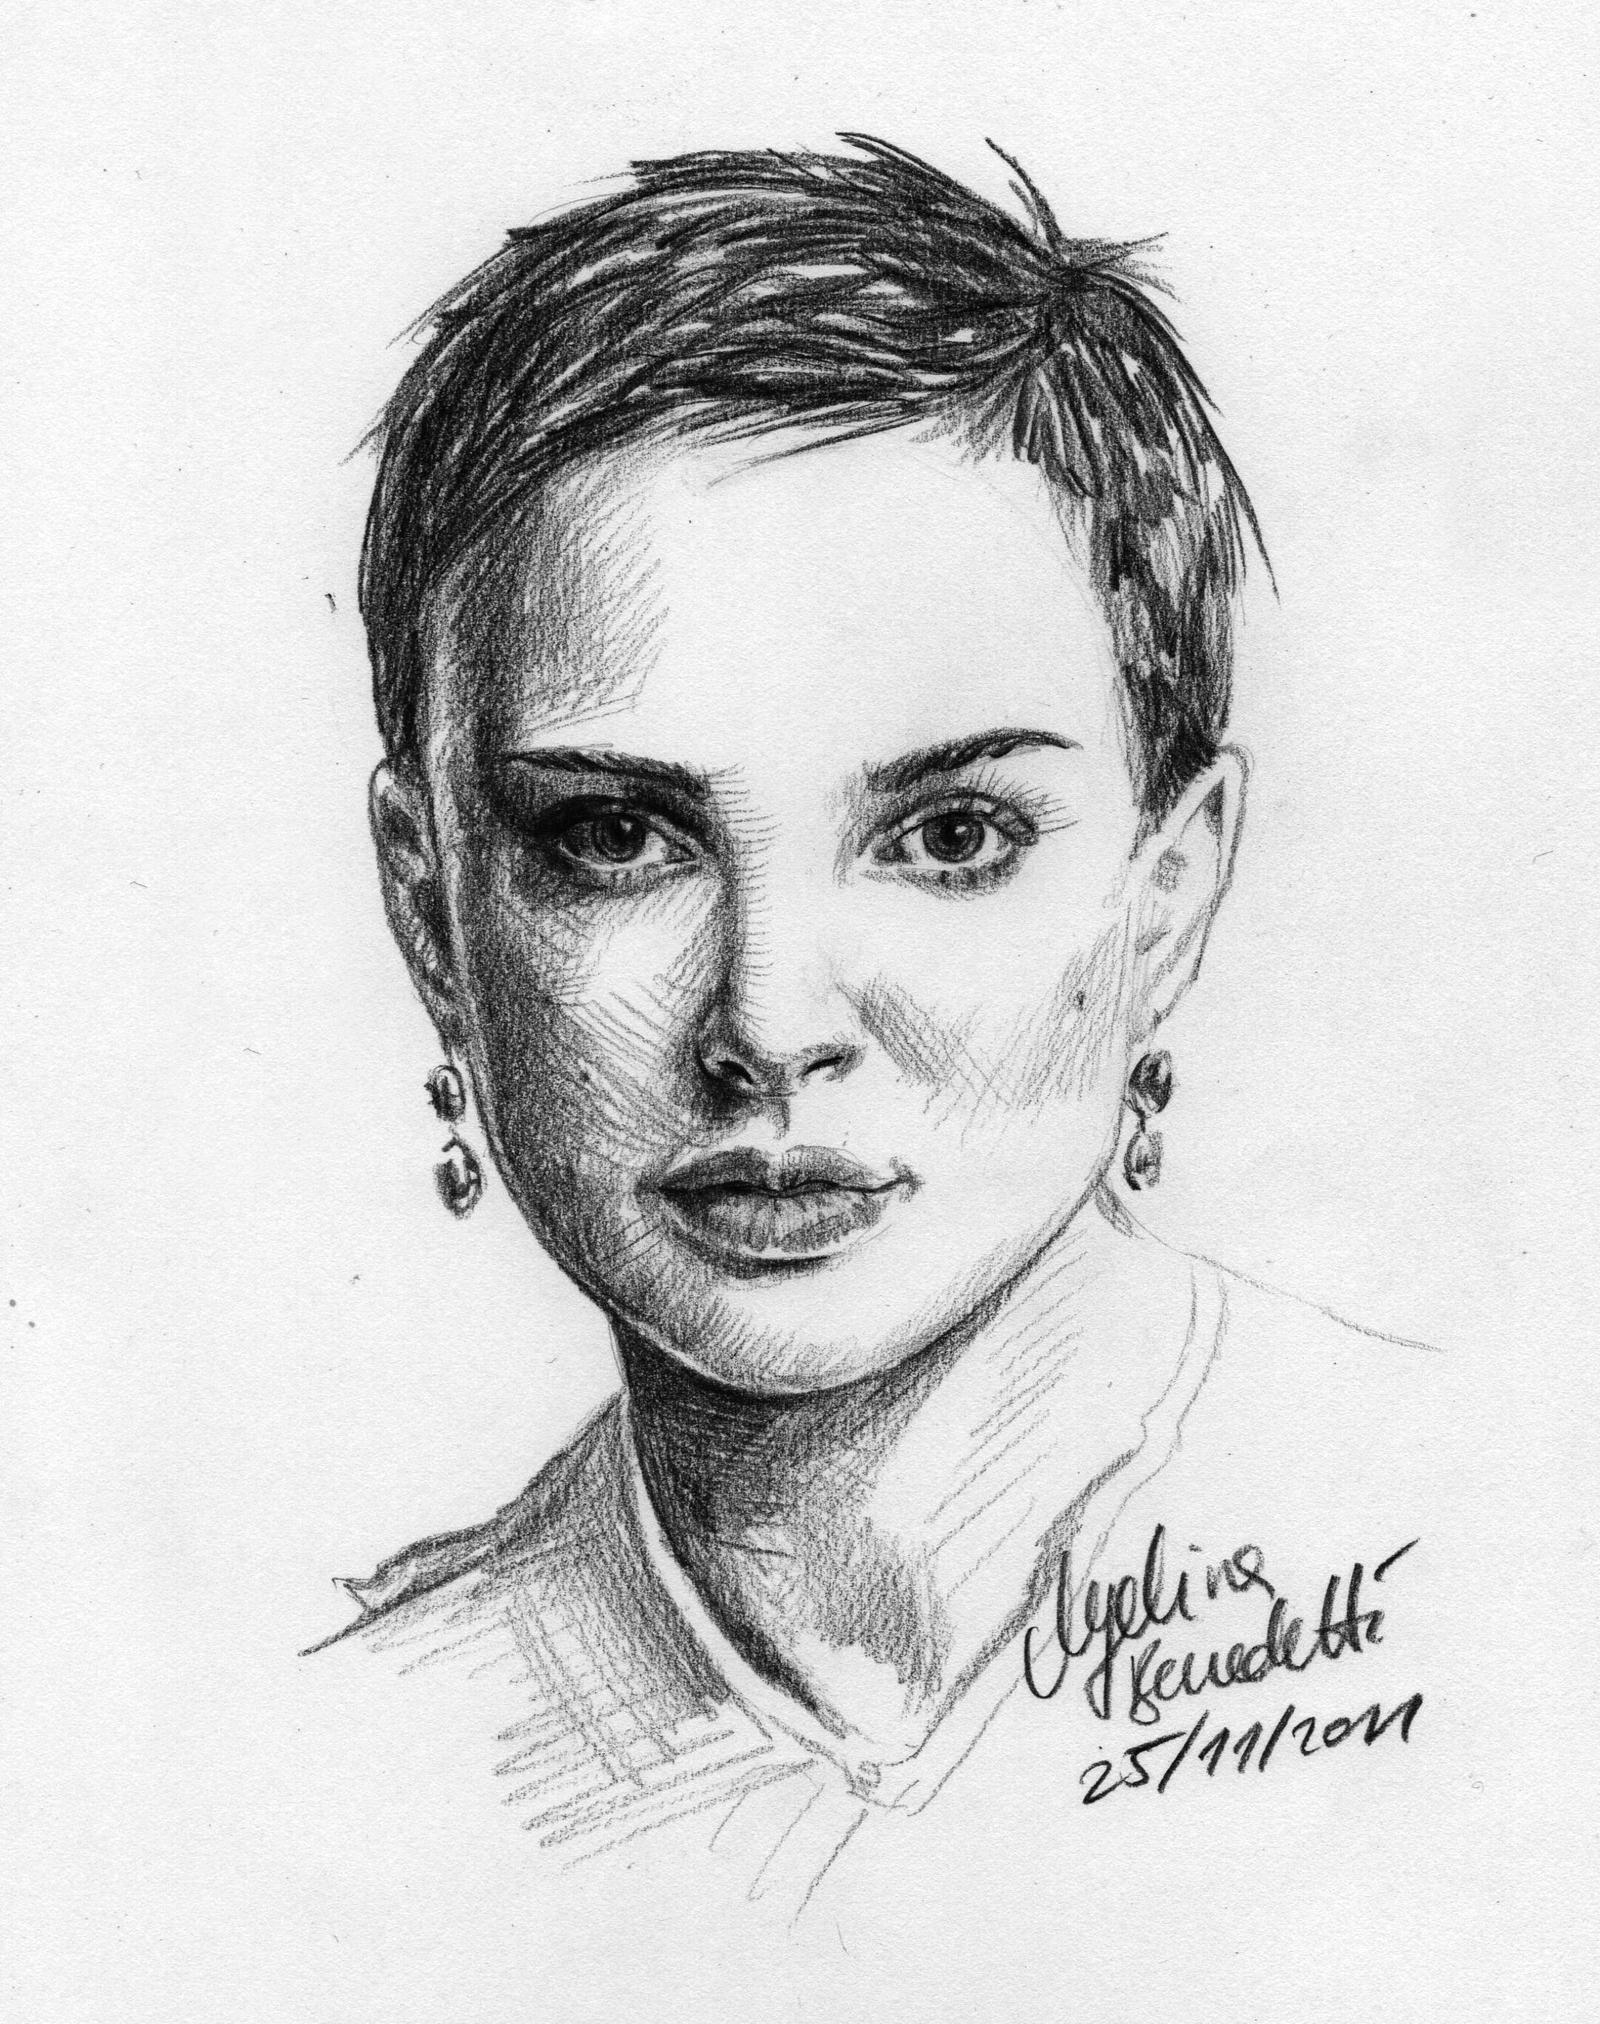 Natalie Portman Short Hair Portrait By Angelinabenedetti On Deviantart